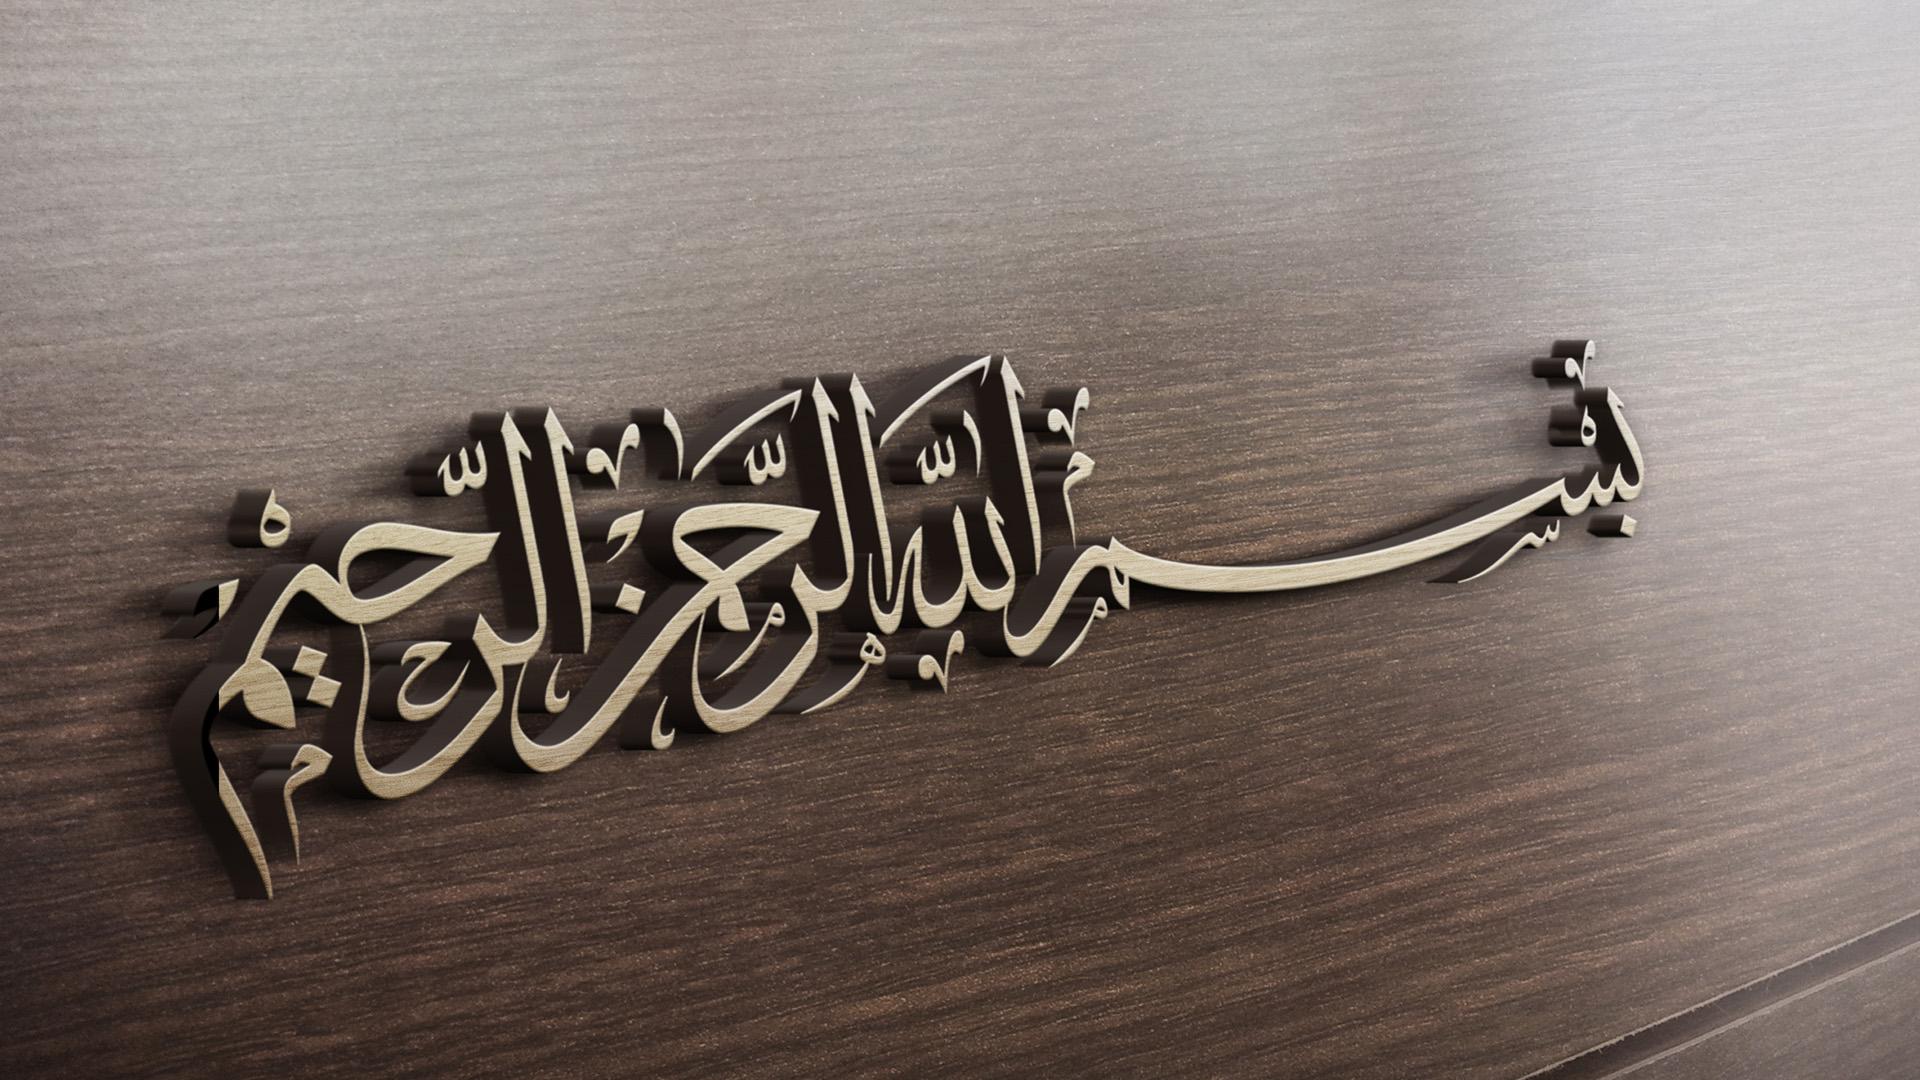 Bismillah On Wood Wallpaper